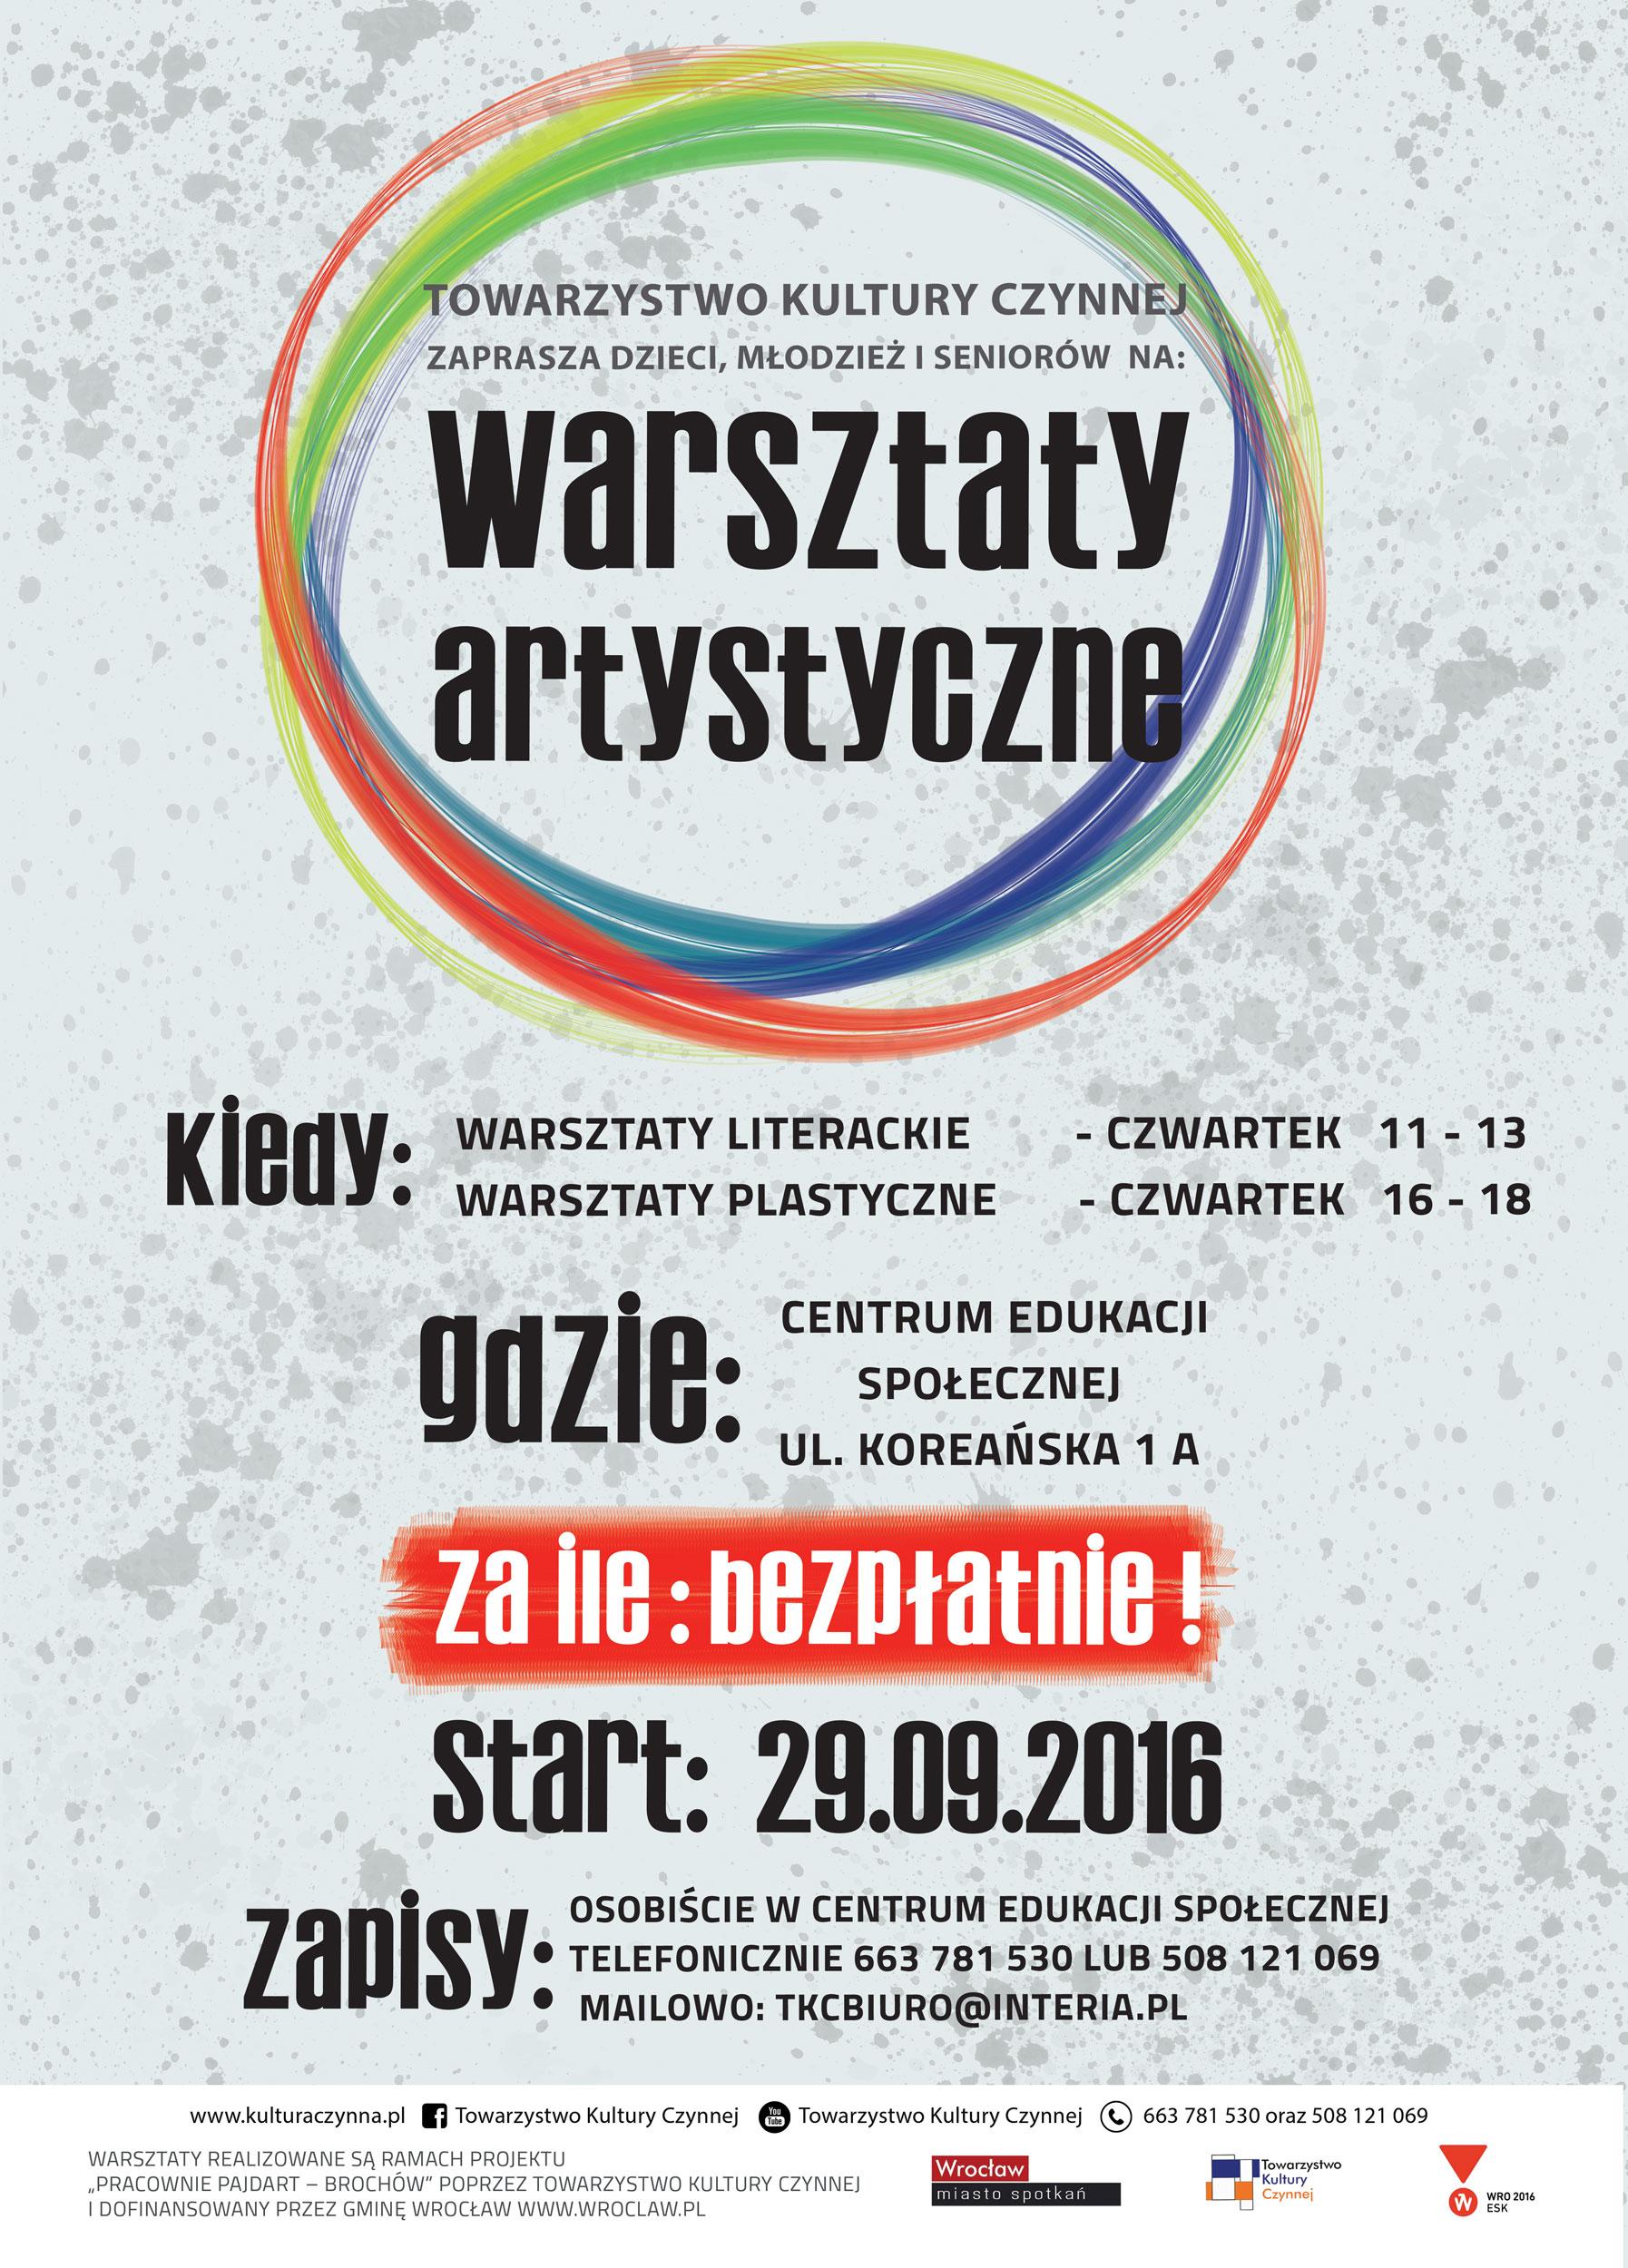 pracownie_pajdart_brochow-1